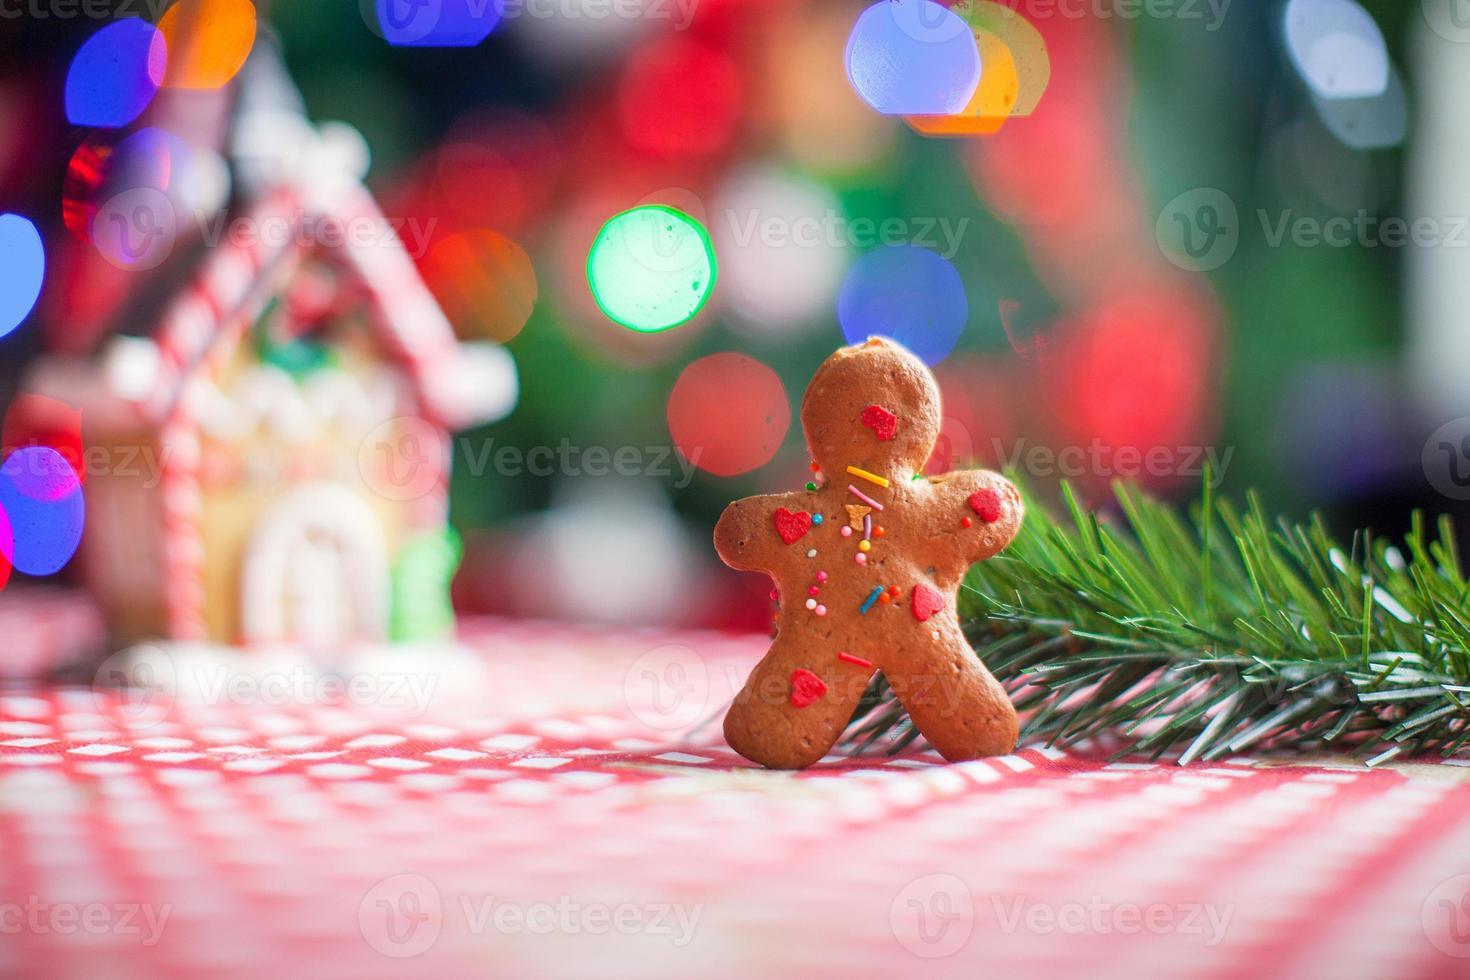 bonbons de fond de bonhomme en pain d'épice maison de gingembre et lumières d'arbre de Noël photo